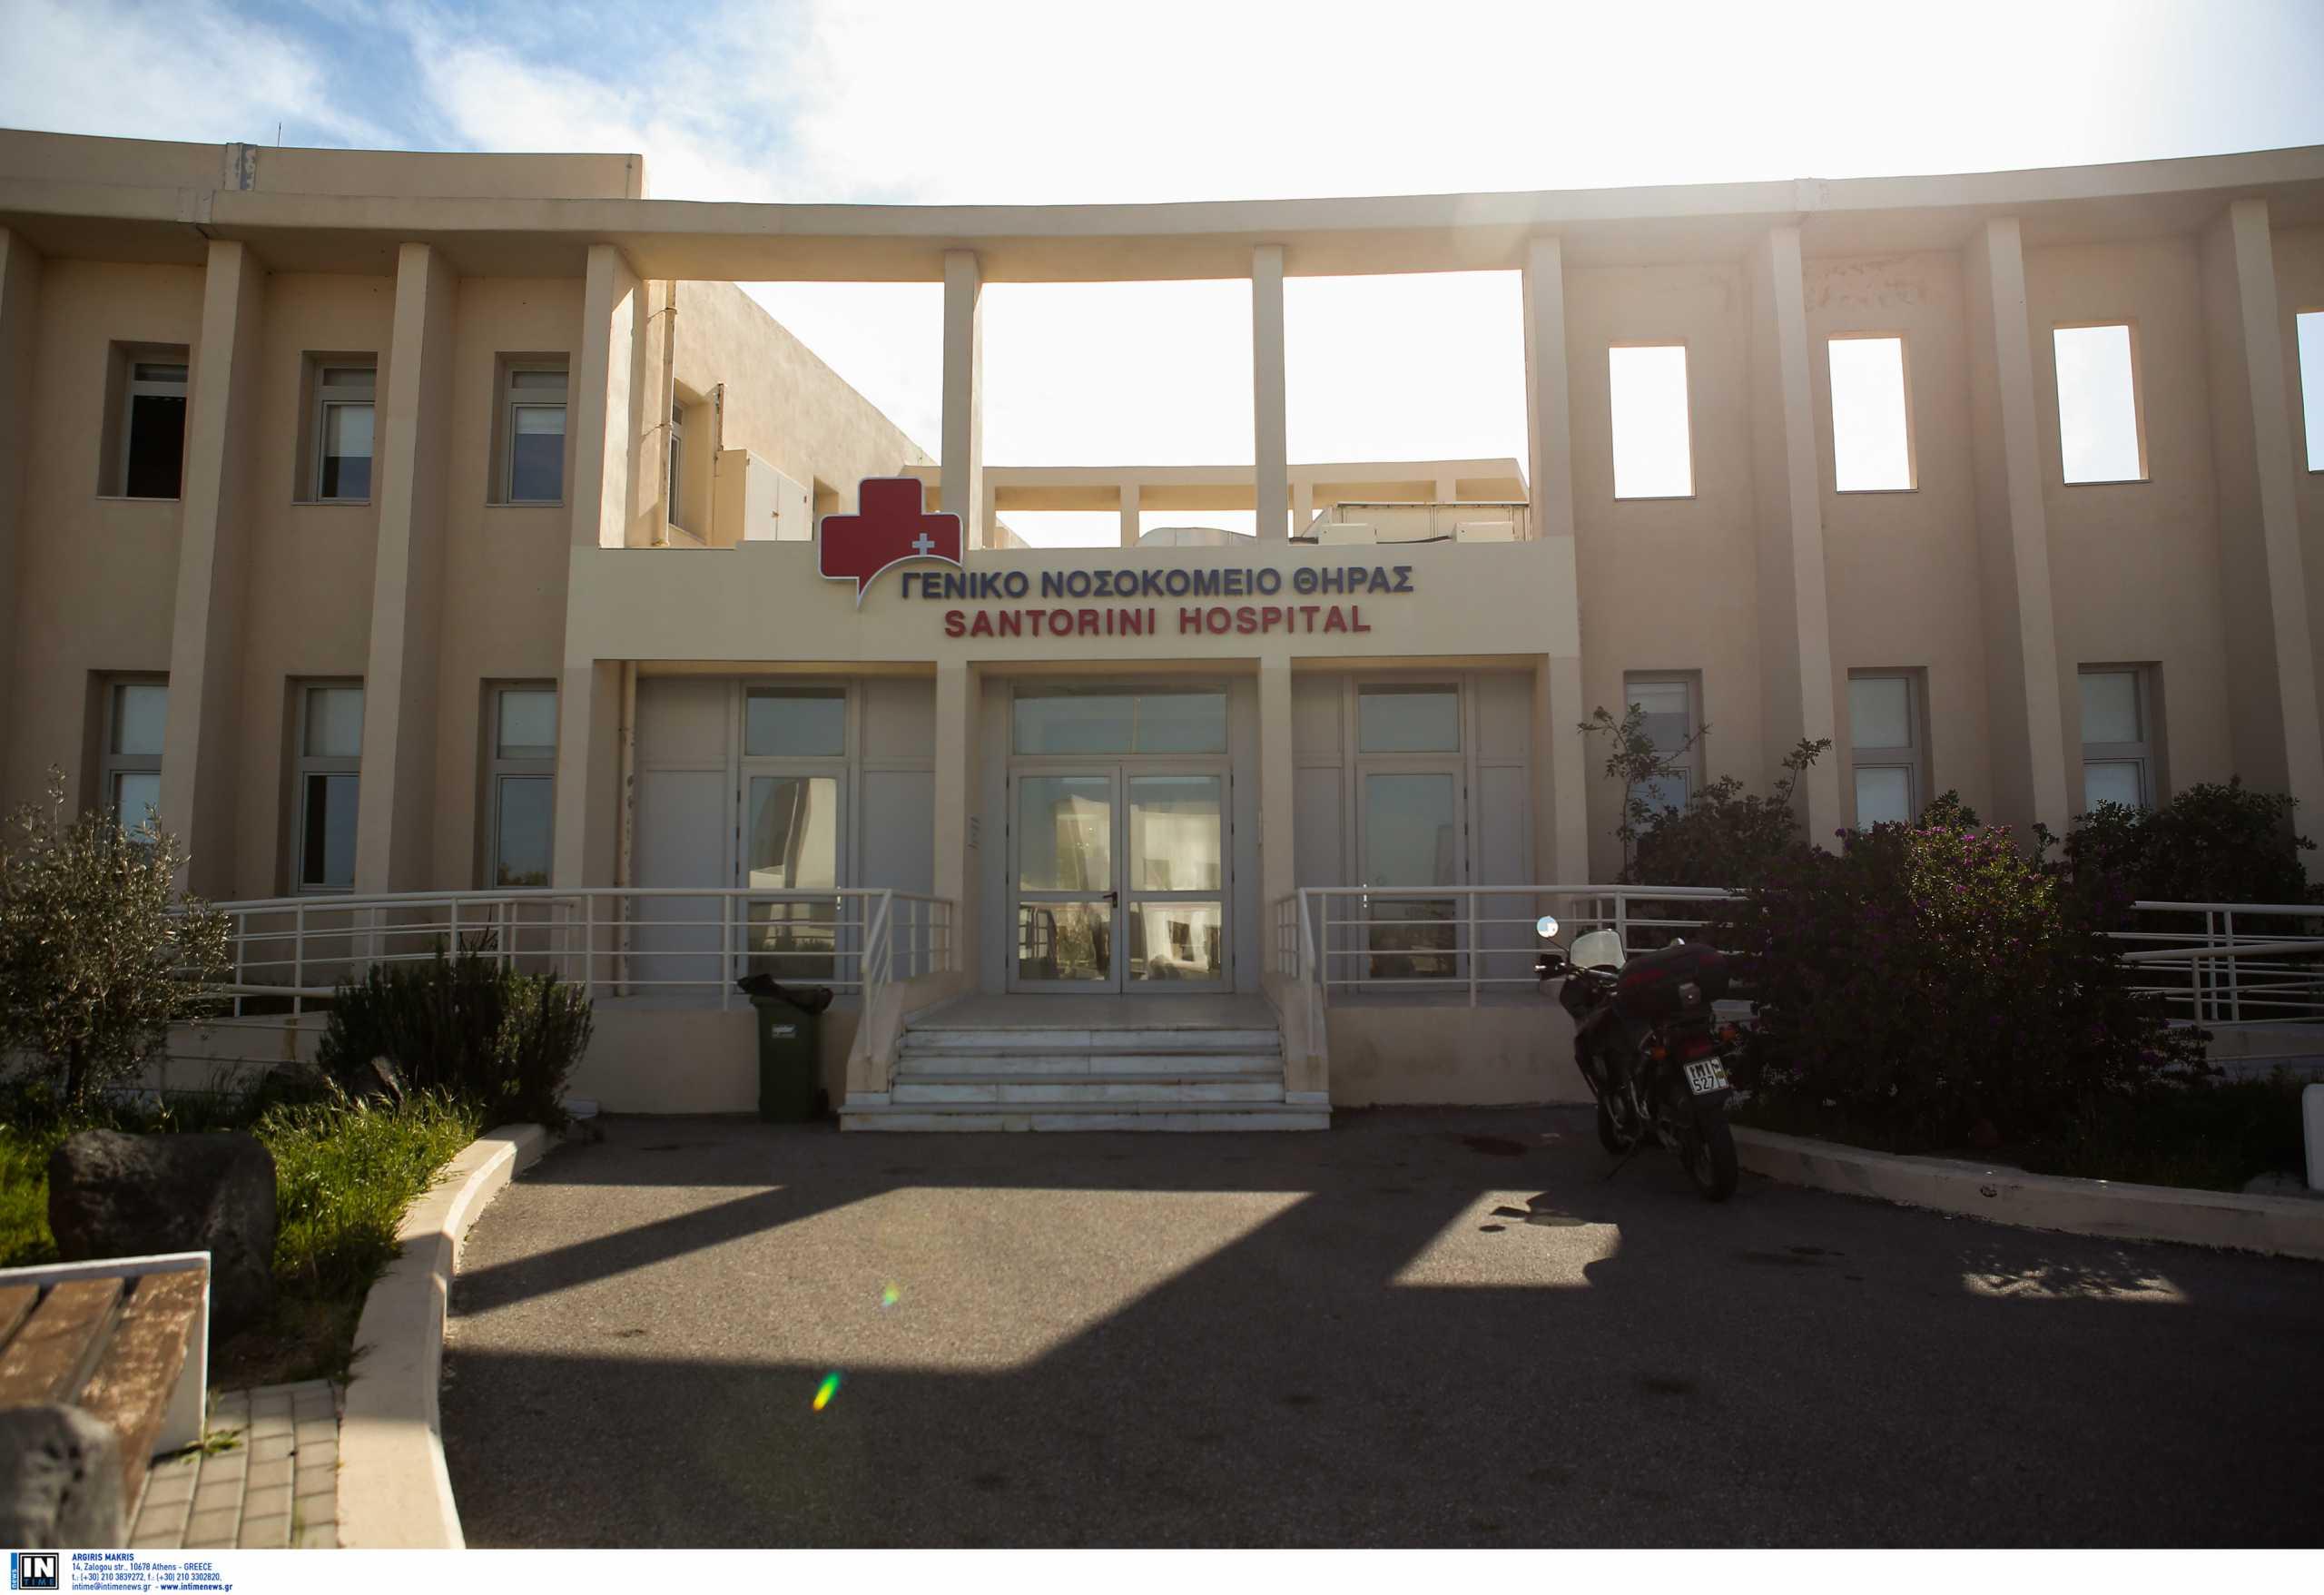 Κορονοϊός: Στη Σαντορίνη η «φάμπρικα» με τα πλαστά πιστοποιητικά rapid test – Η καταγγελία που τους «έκαψε»